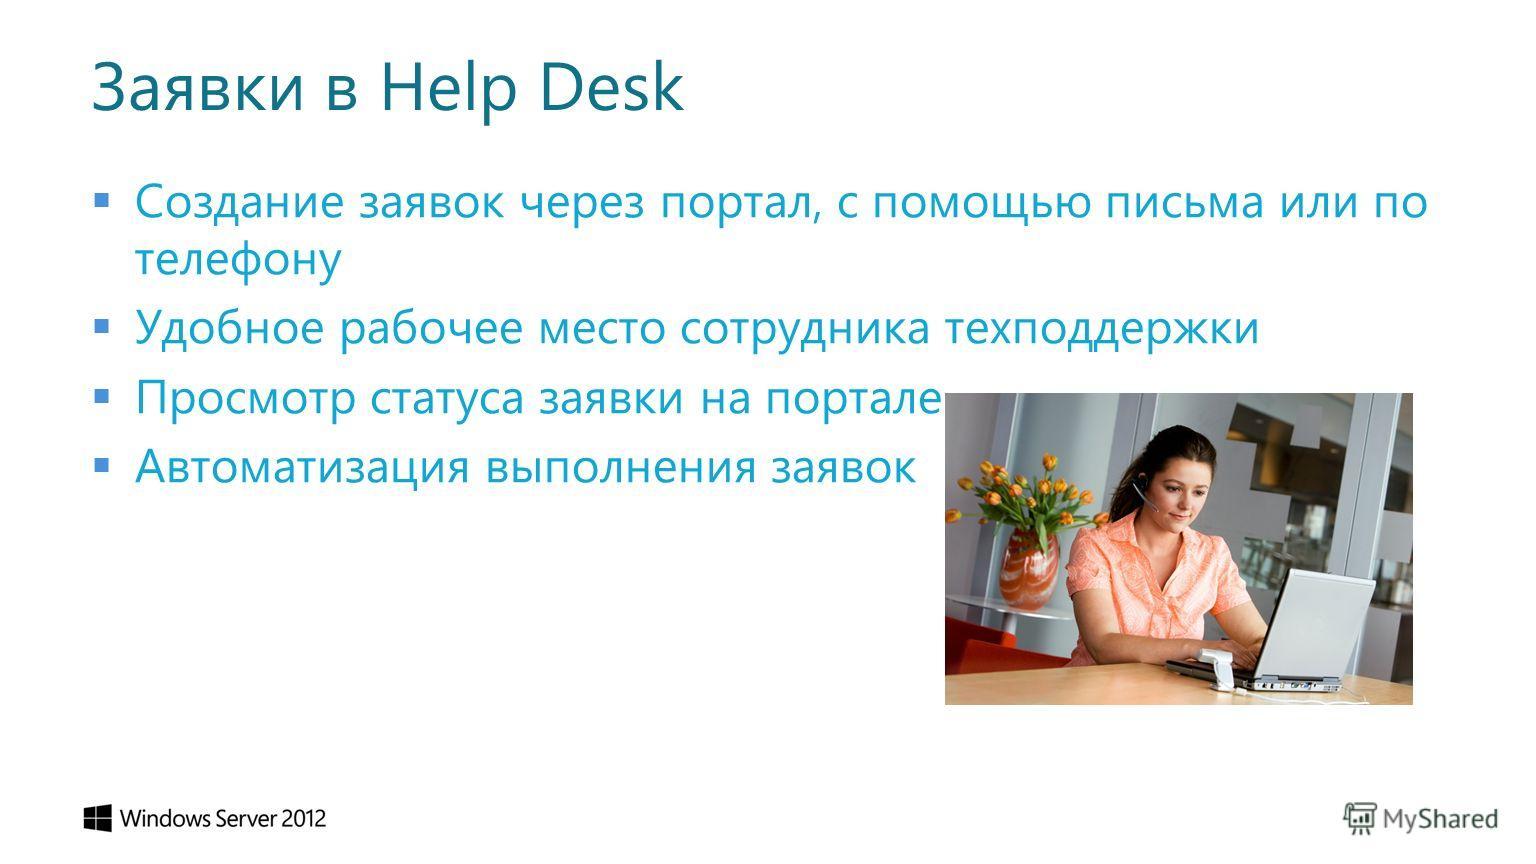 Заявки в Help Desk Создание заявок через портал, с помощью письма или по телефону Удобное рабочее место сотрудника техподдержки Просмотр статуса заявки на портале Автоматизация выполнения заявок